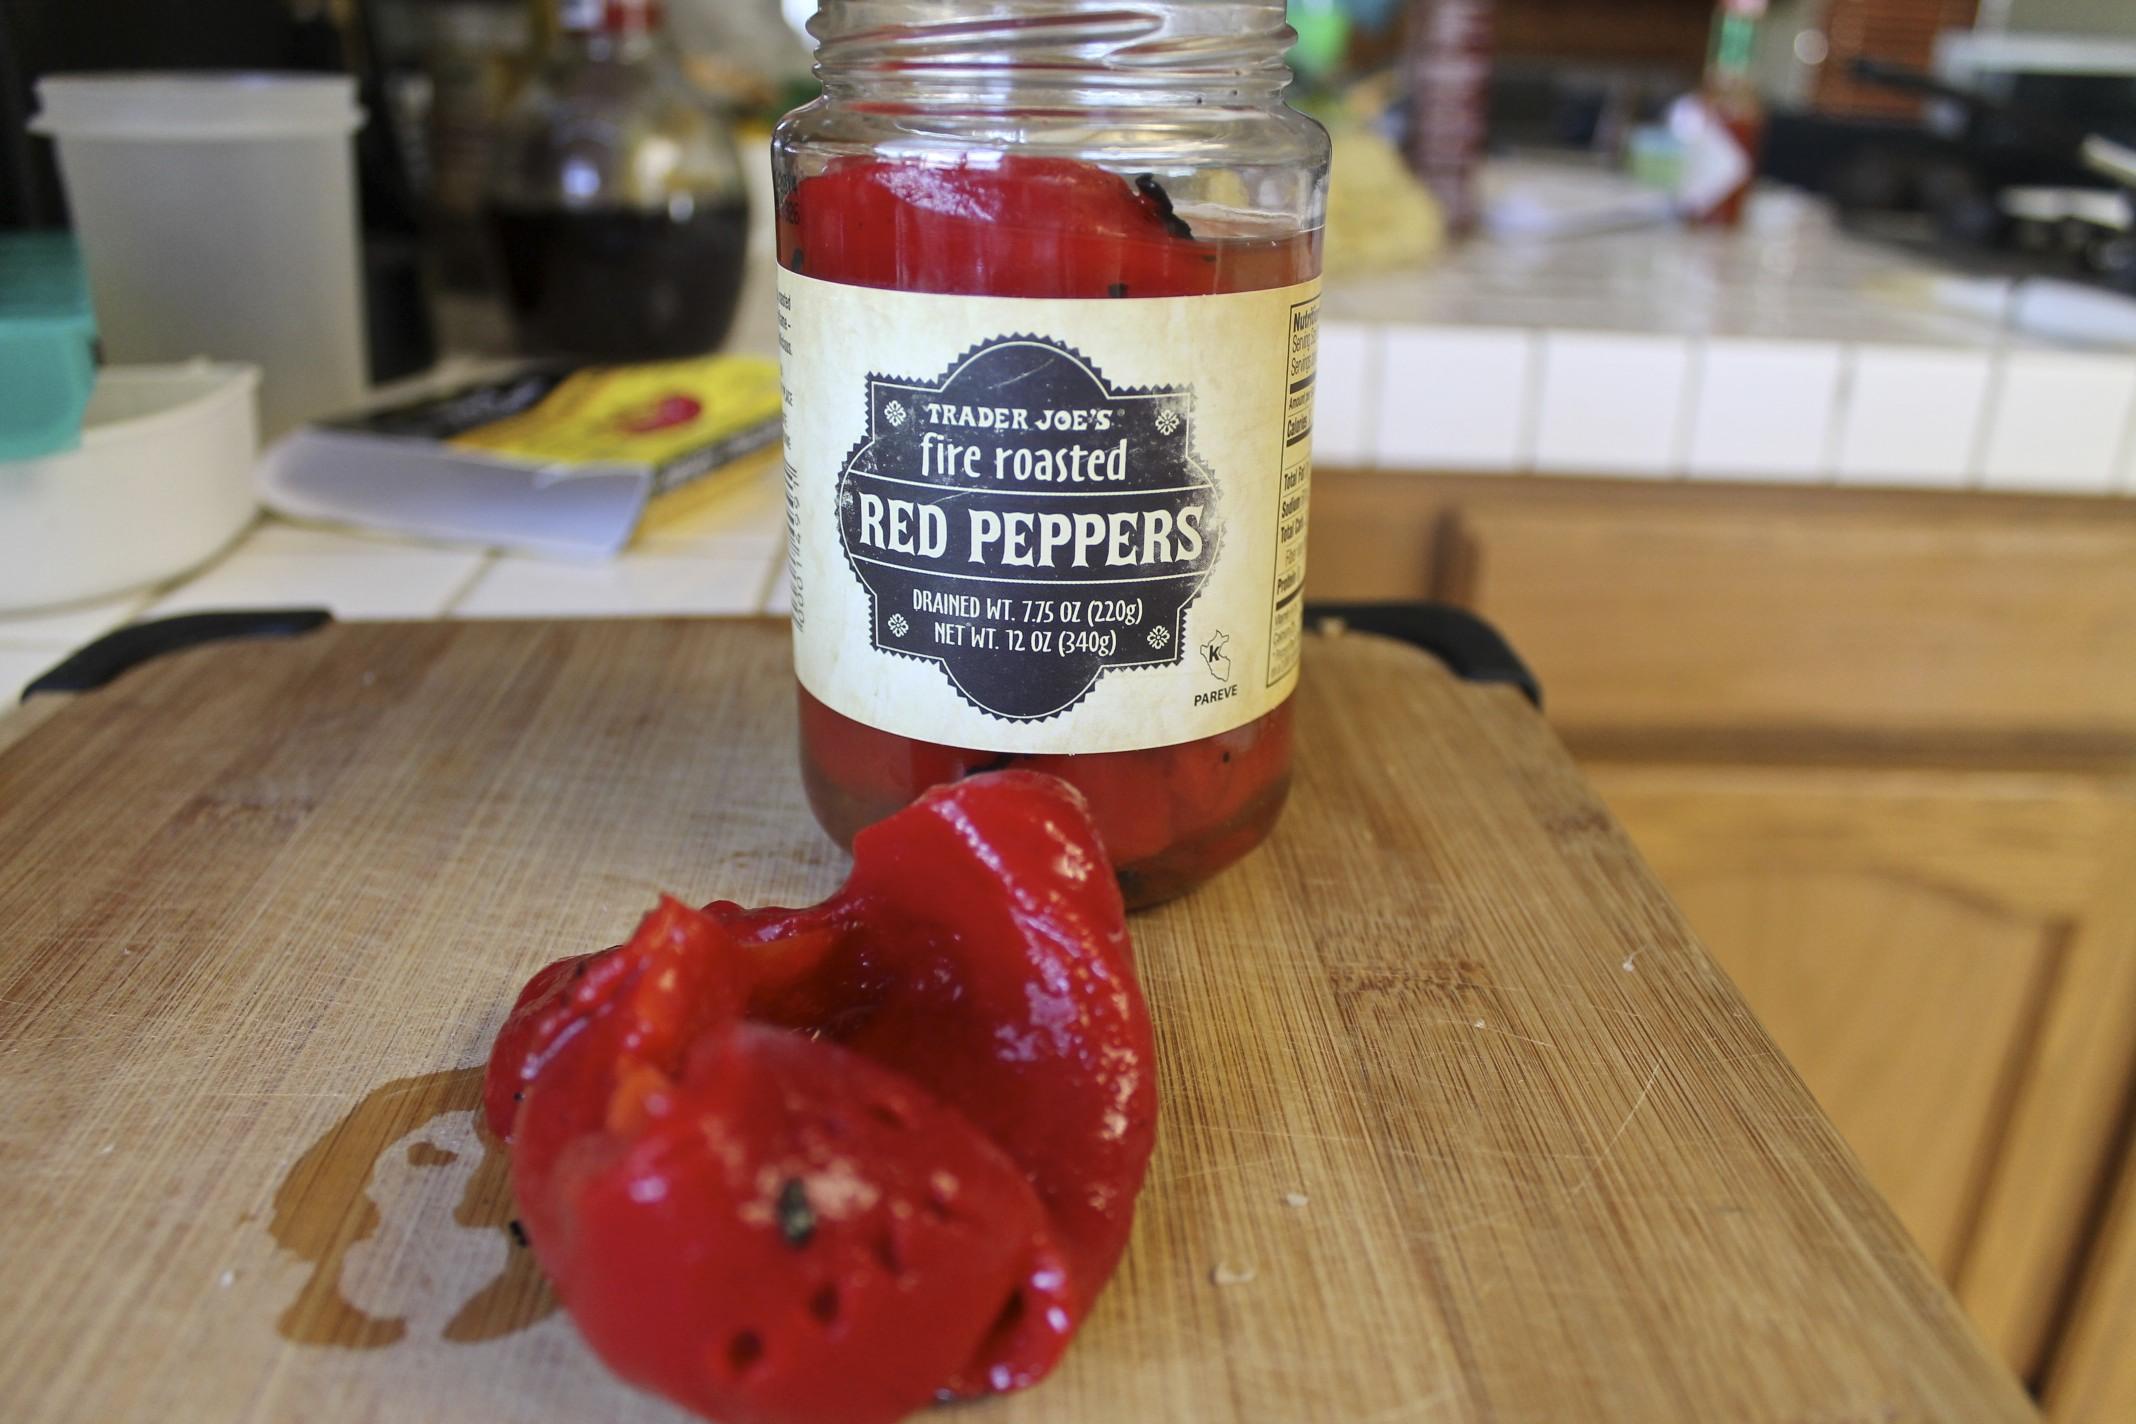 Peper help org